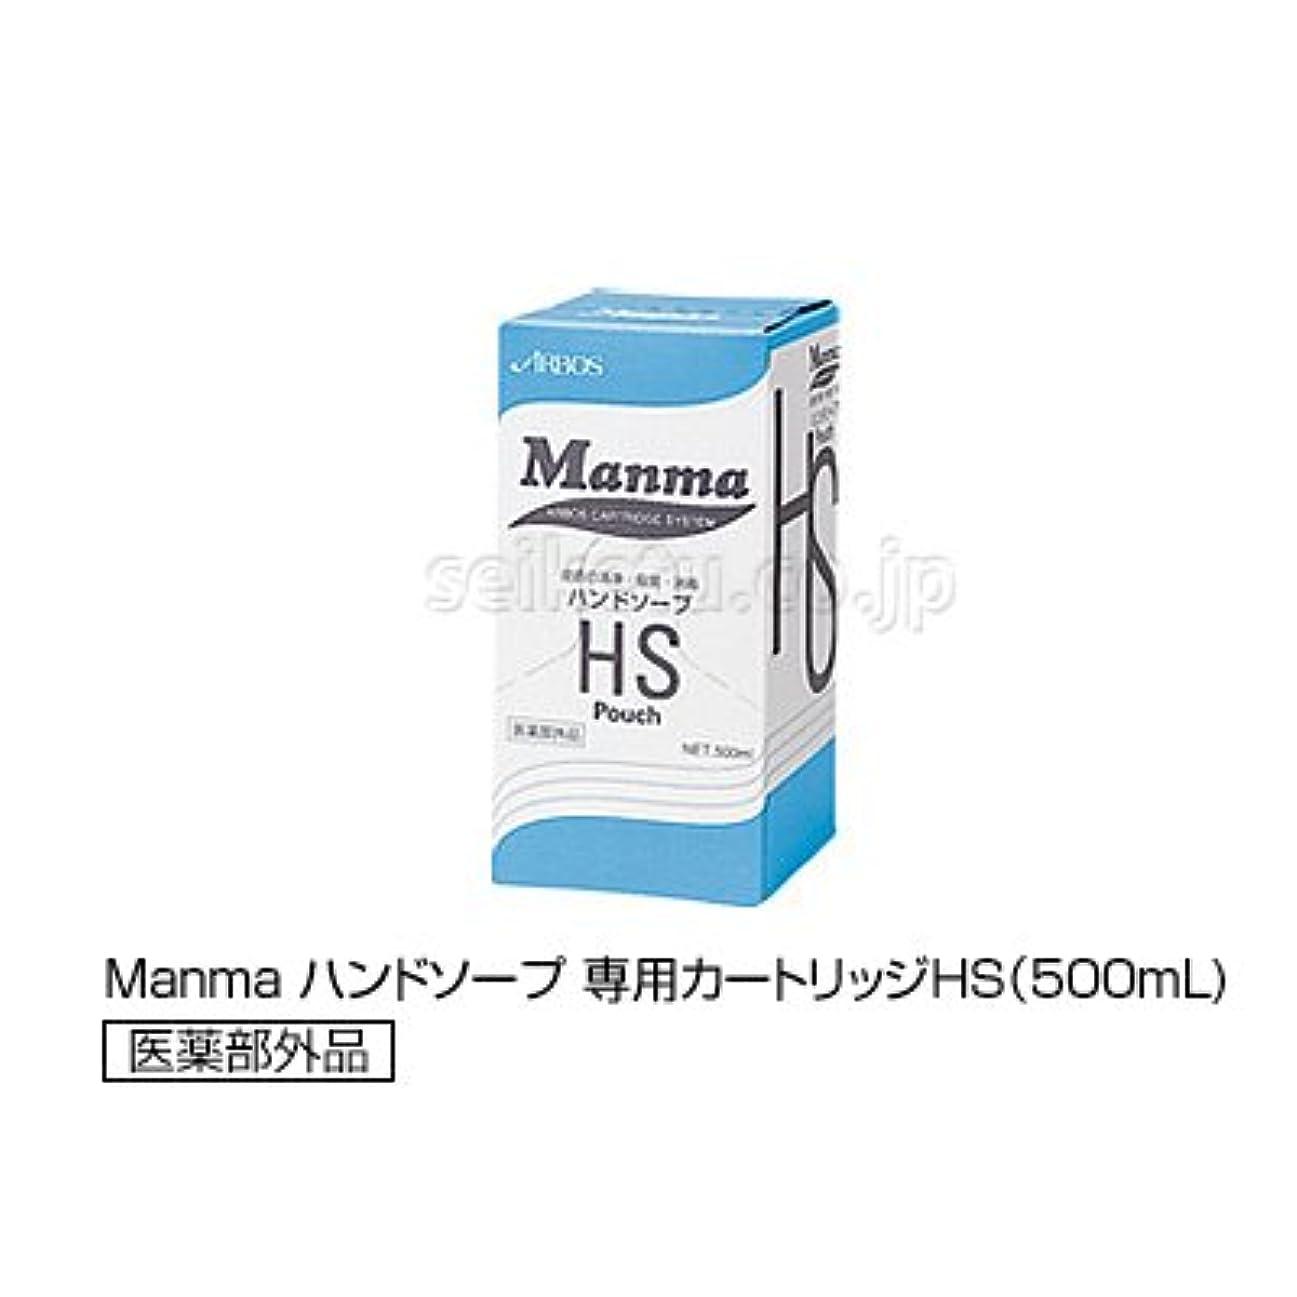 吐く電話苦難Manma ハンドソープ 専用カートリッジ/専用カートリッジHS(500mL)【清潔キレイ館】